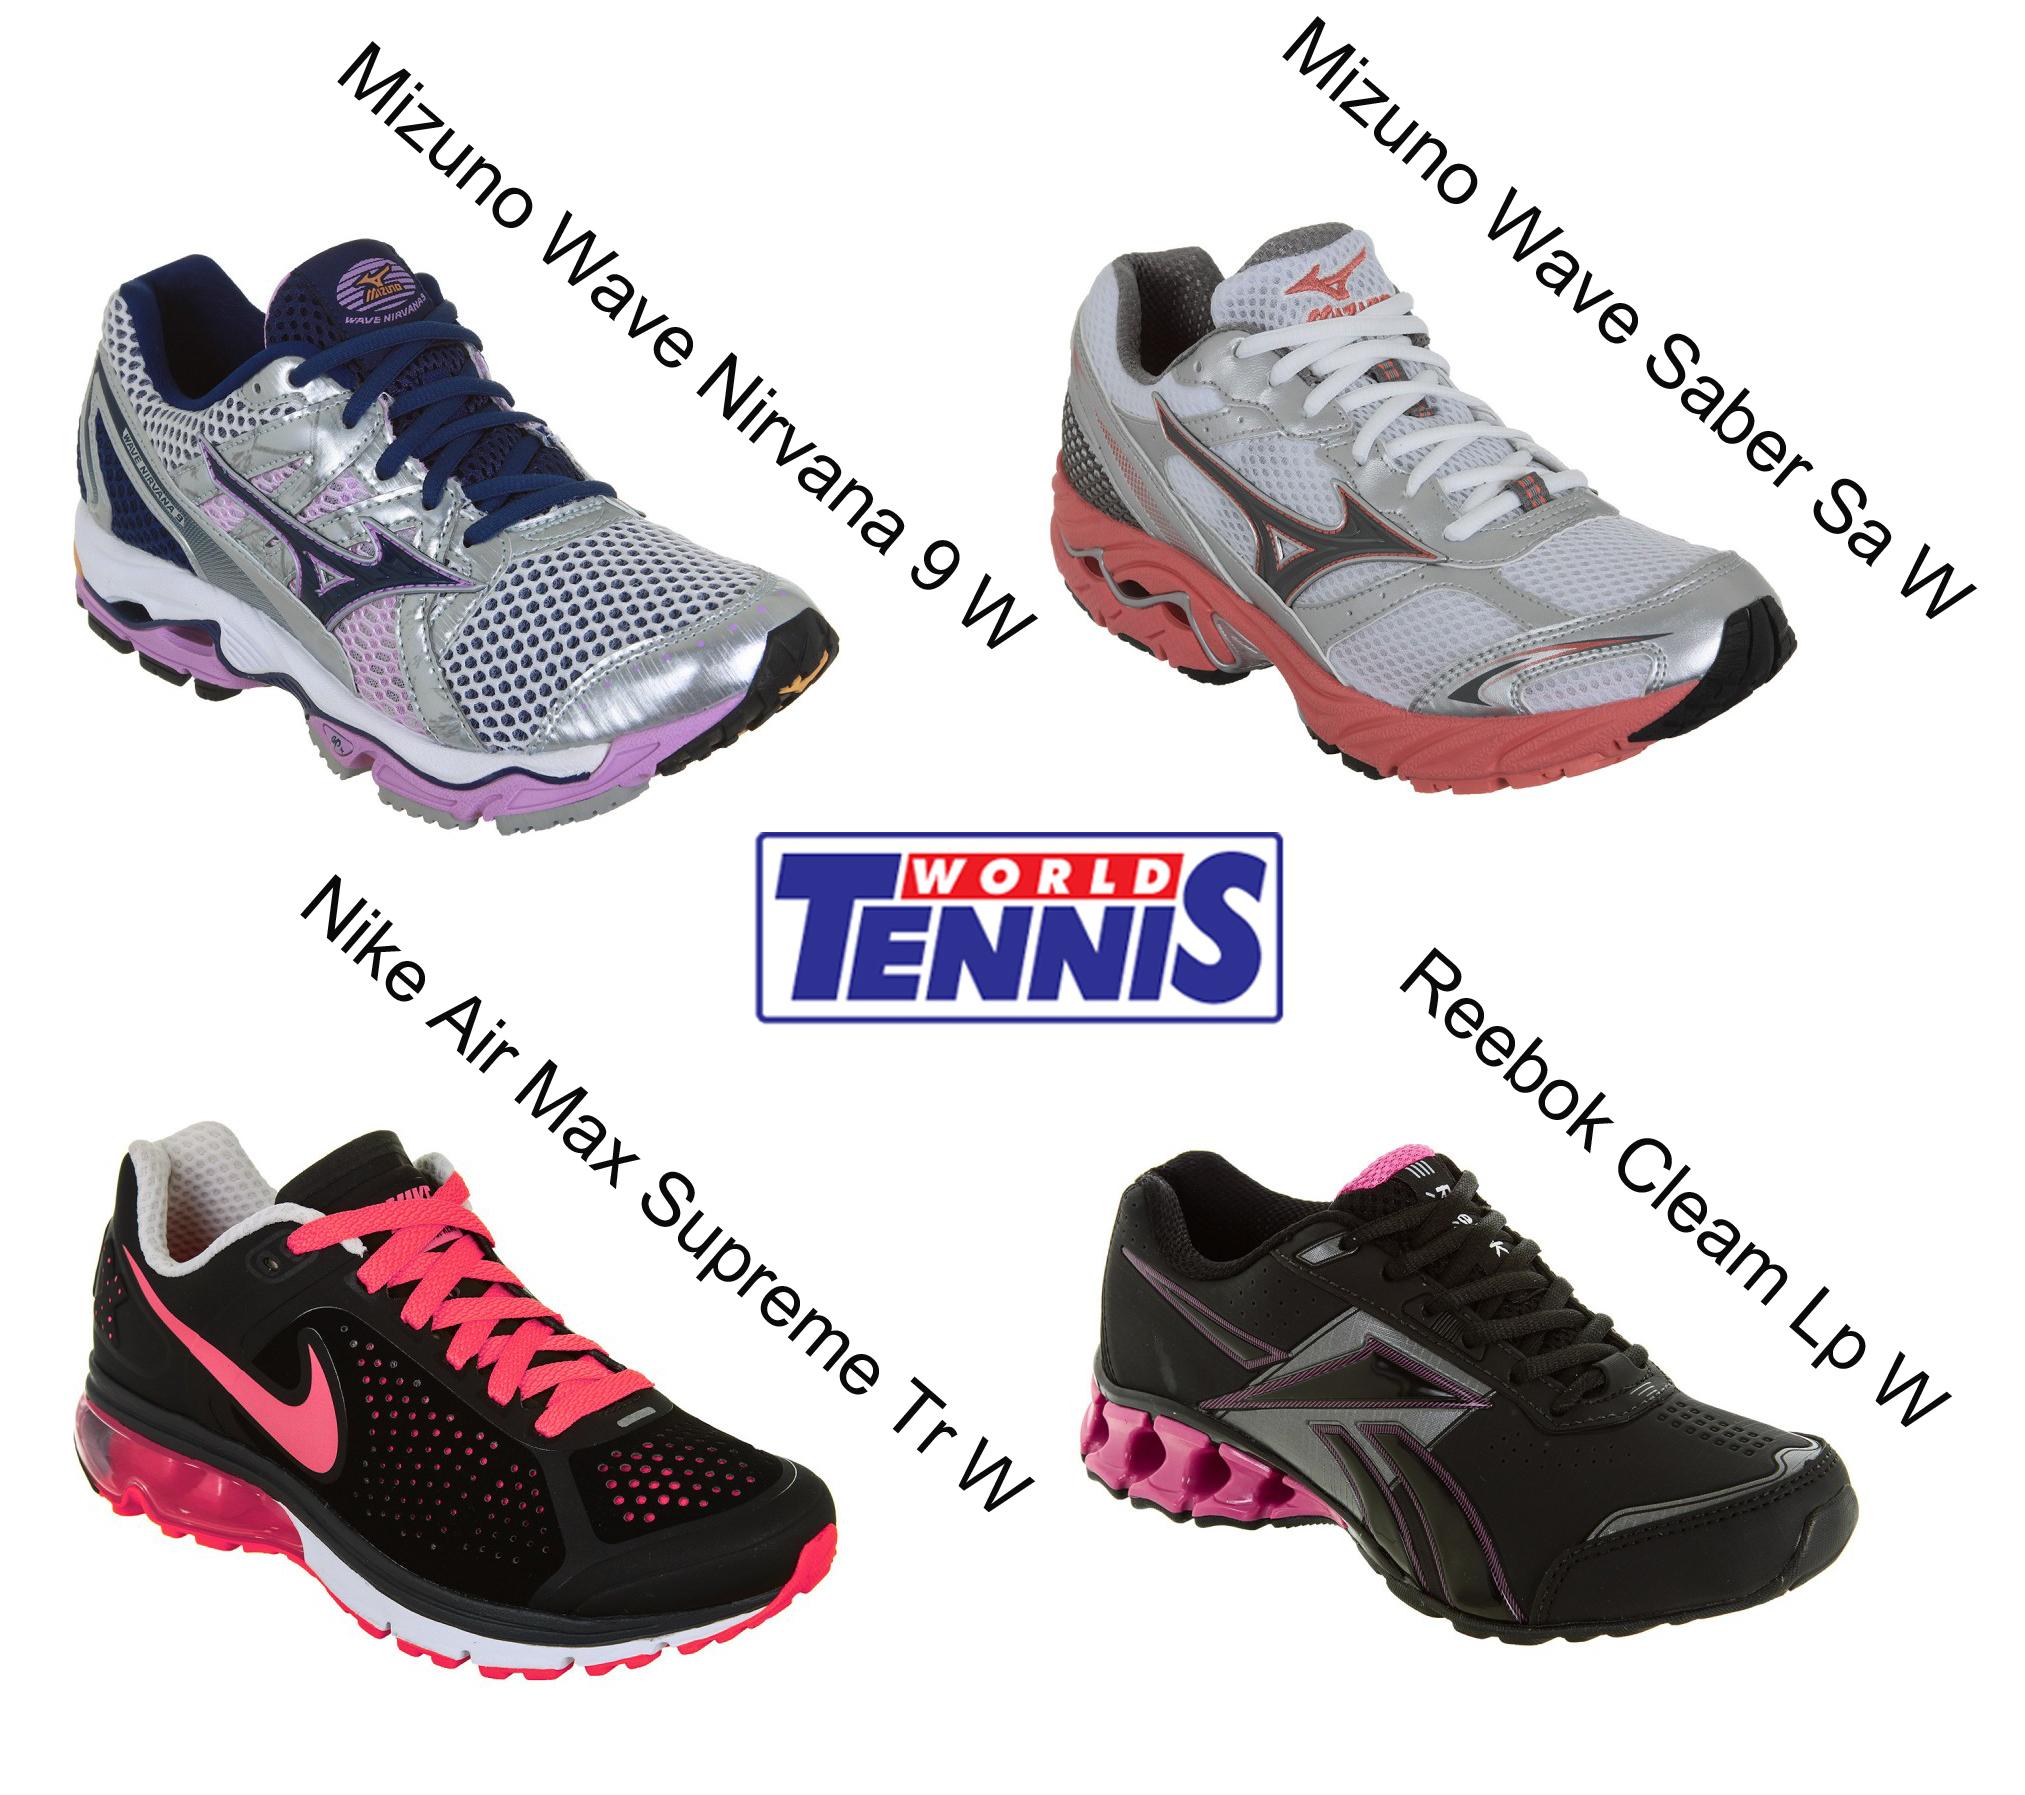 d8e891782 Arquivos Tênis de corrida - Página 13 de 25 - World Tennis - Tênis